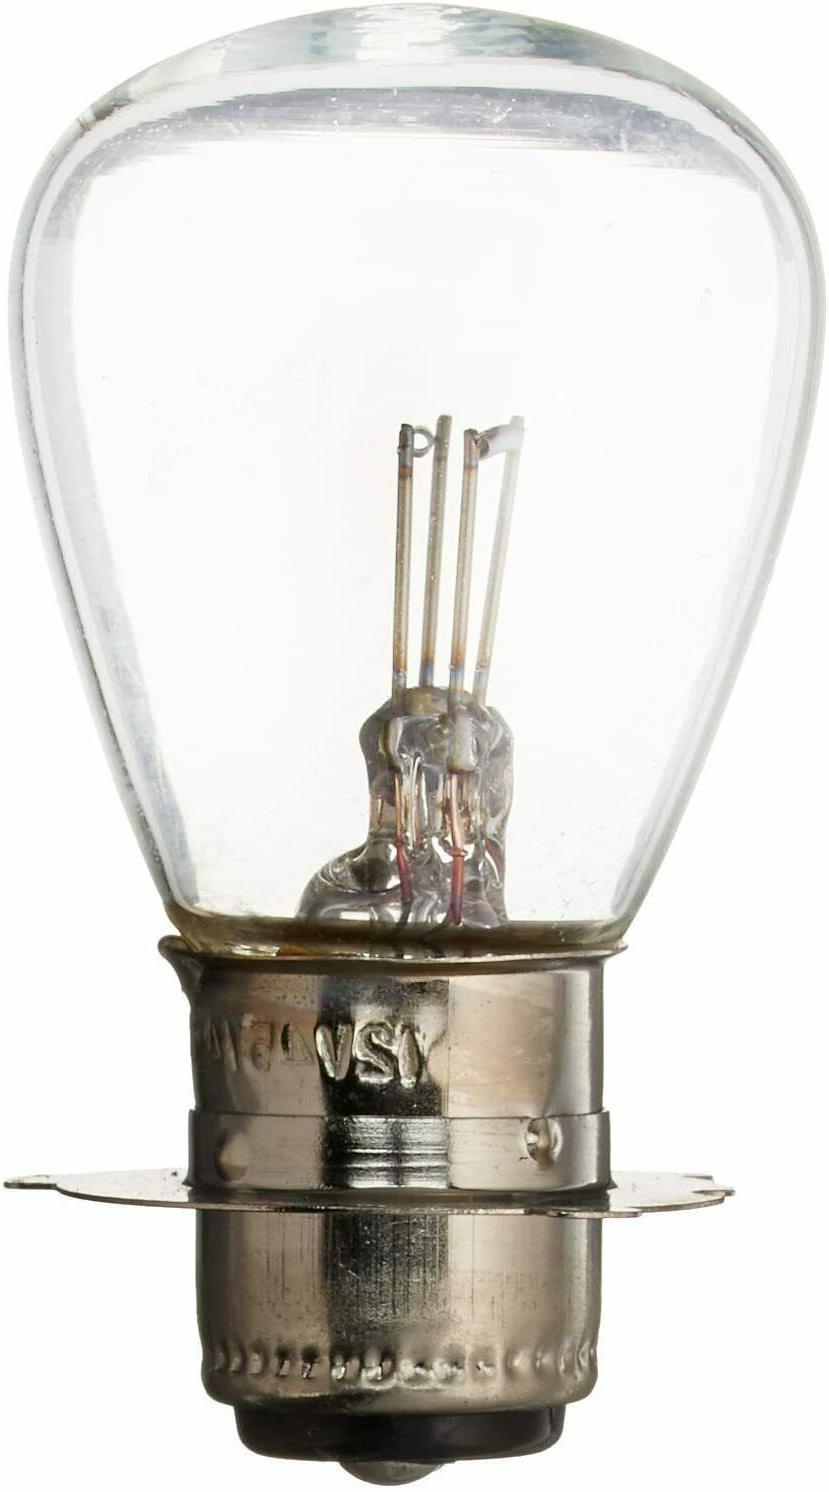 2 LED Headlight For 34901-323-750 34901-HC3-003 6000K